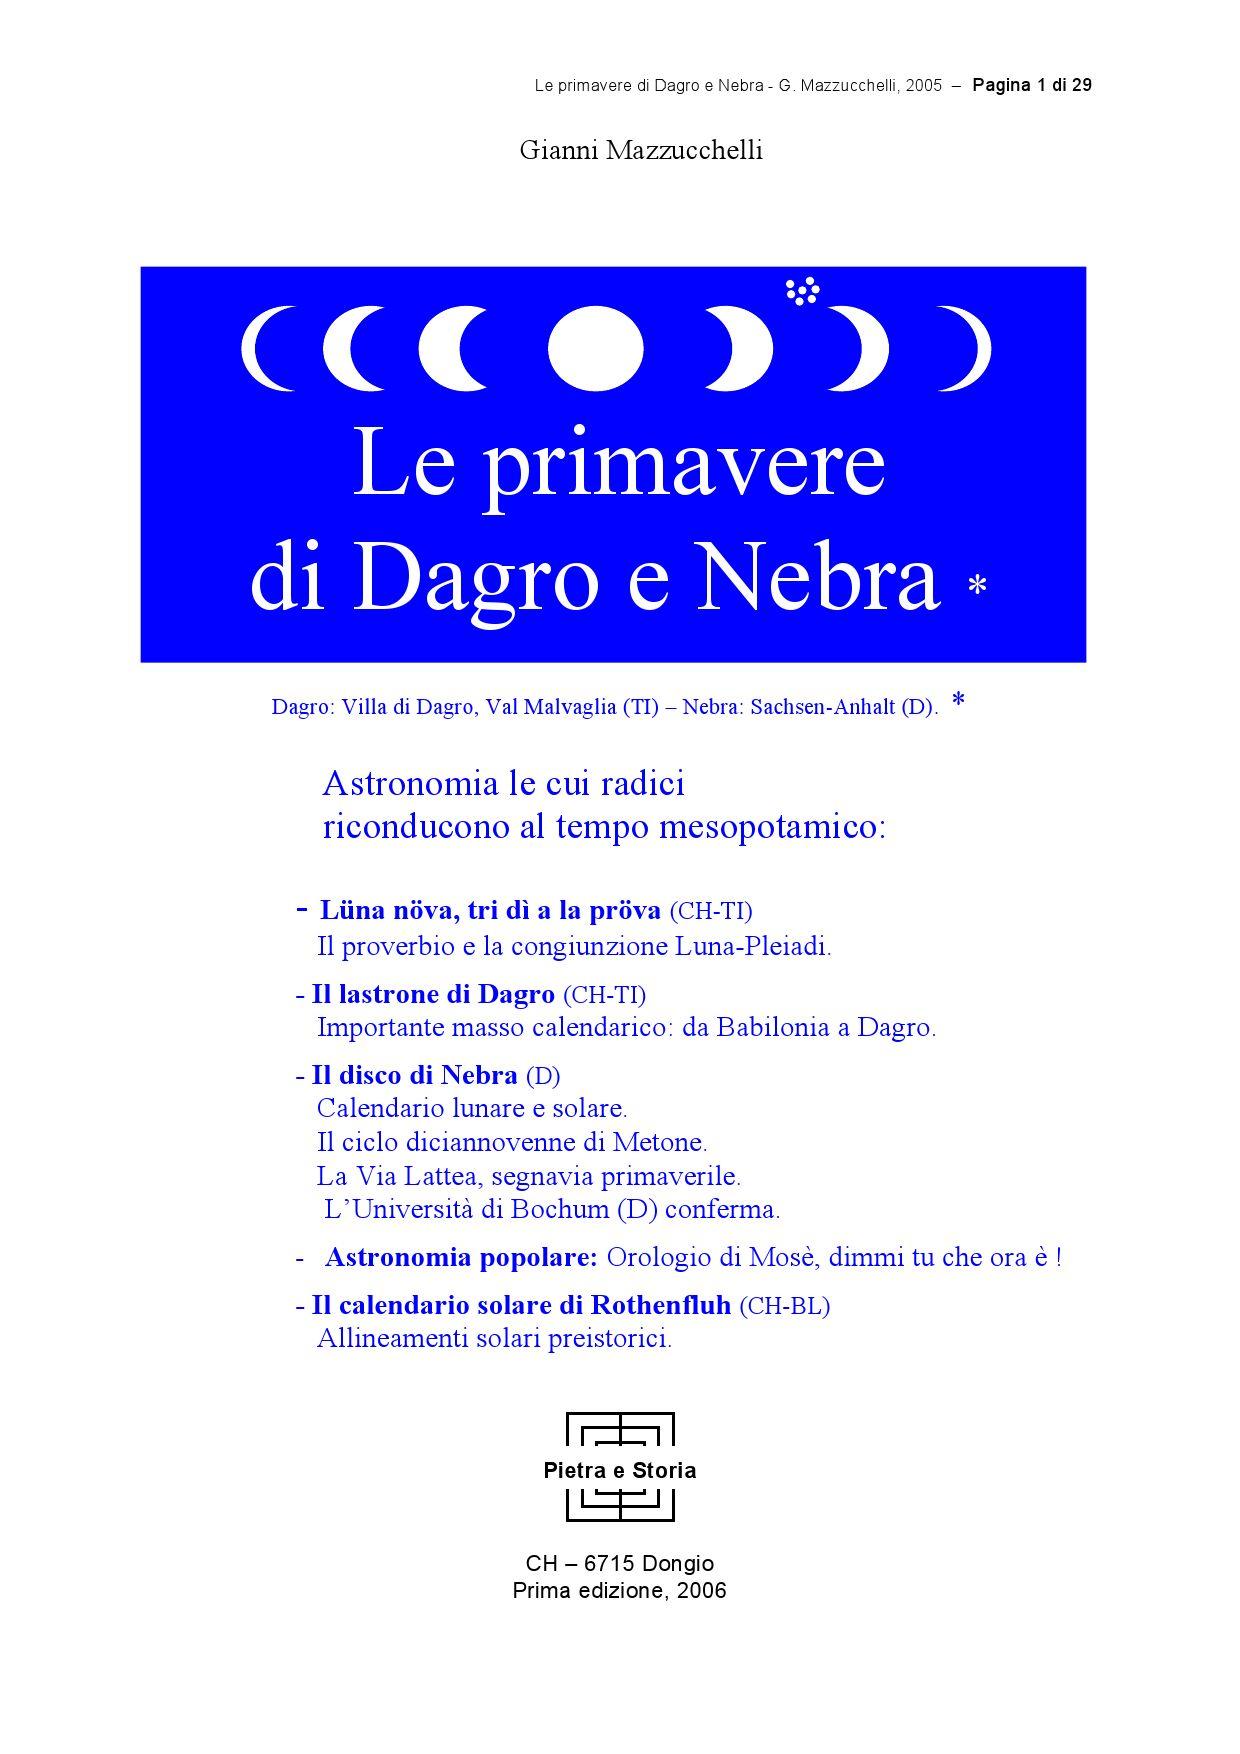 Calendario Lunare 2005.Le Primavere Di Dagro E Nebra By Andrea Uccelli Issuu